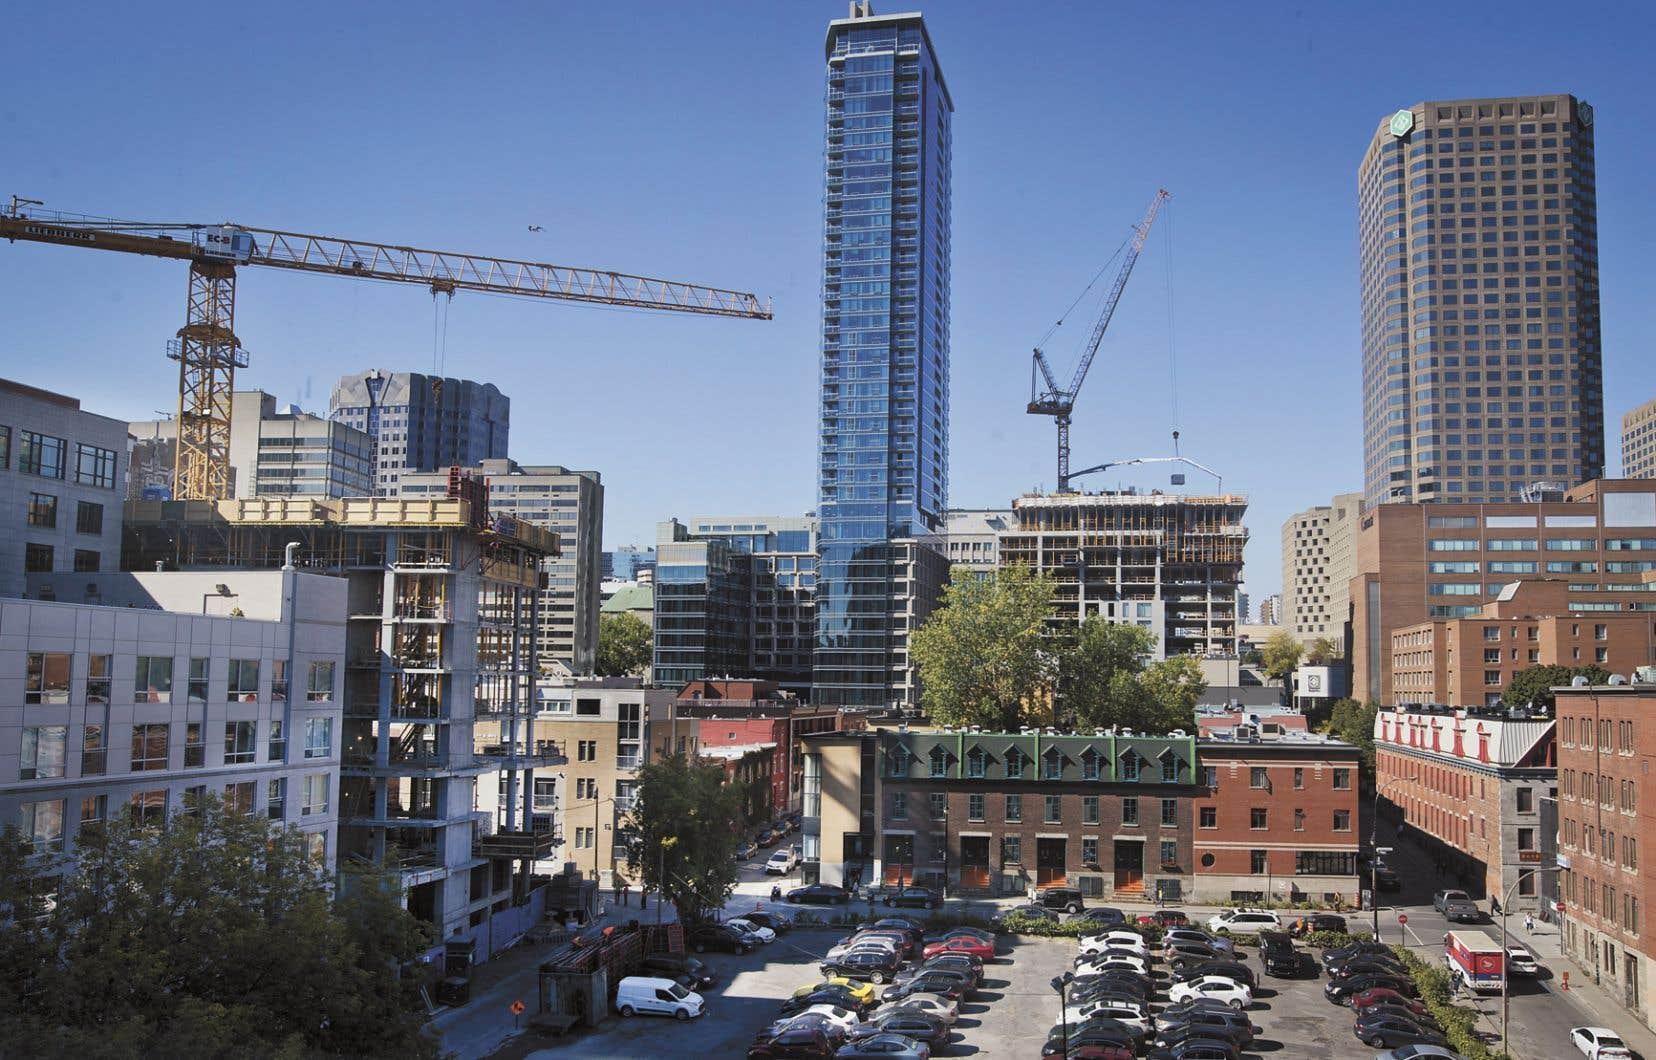 La Société canadienne d'hypothèque et de logement estime que 7,8% des appartemenst en copropriété au centre-ville de Montréal étaient détenus par des étrangers en 2018.